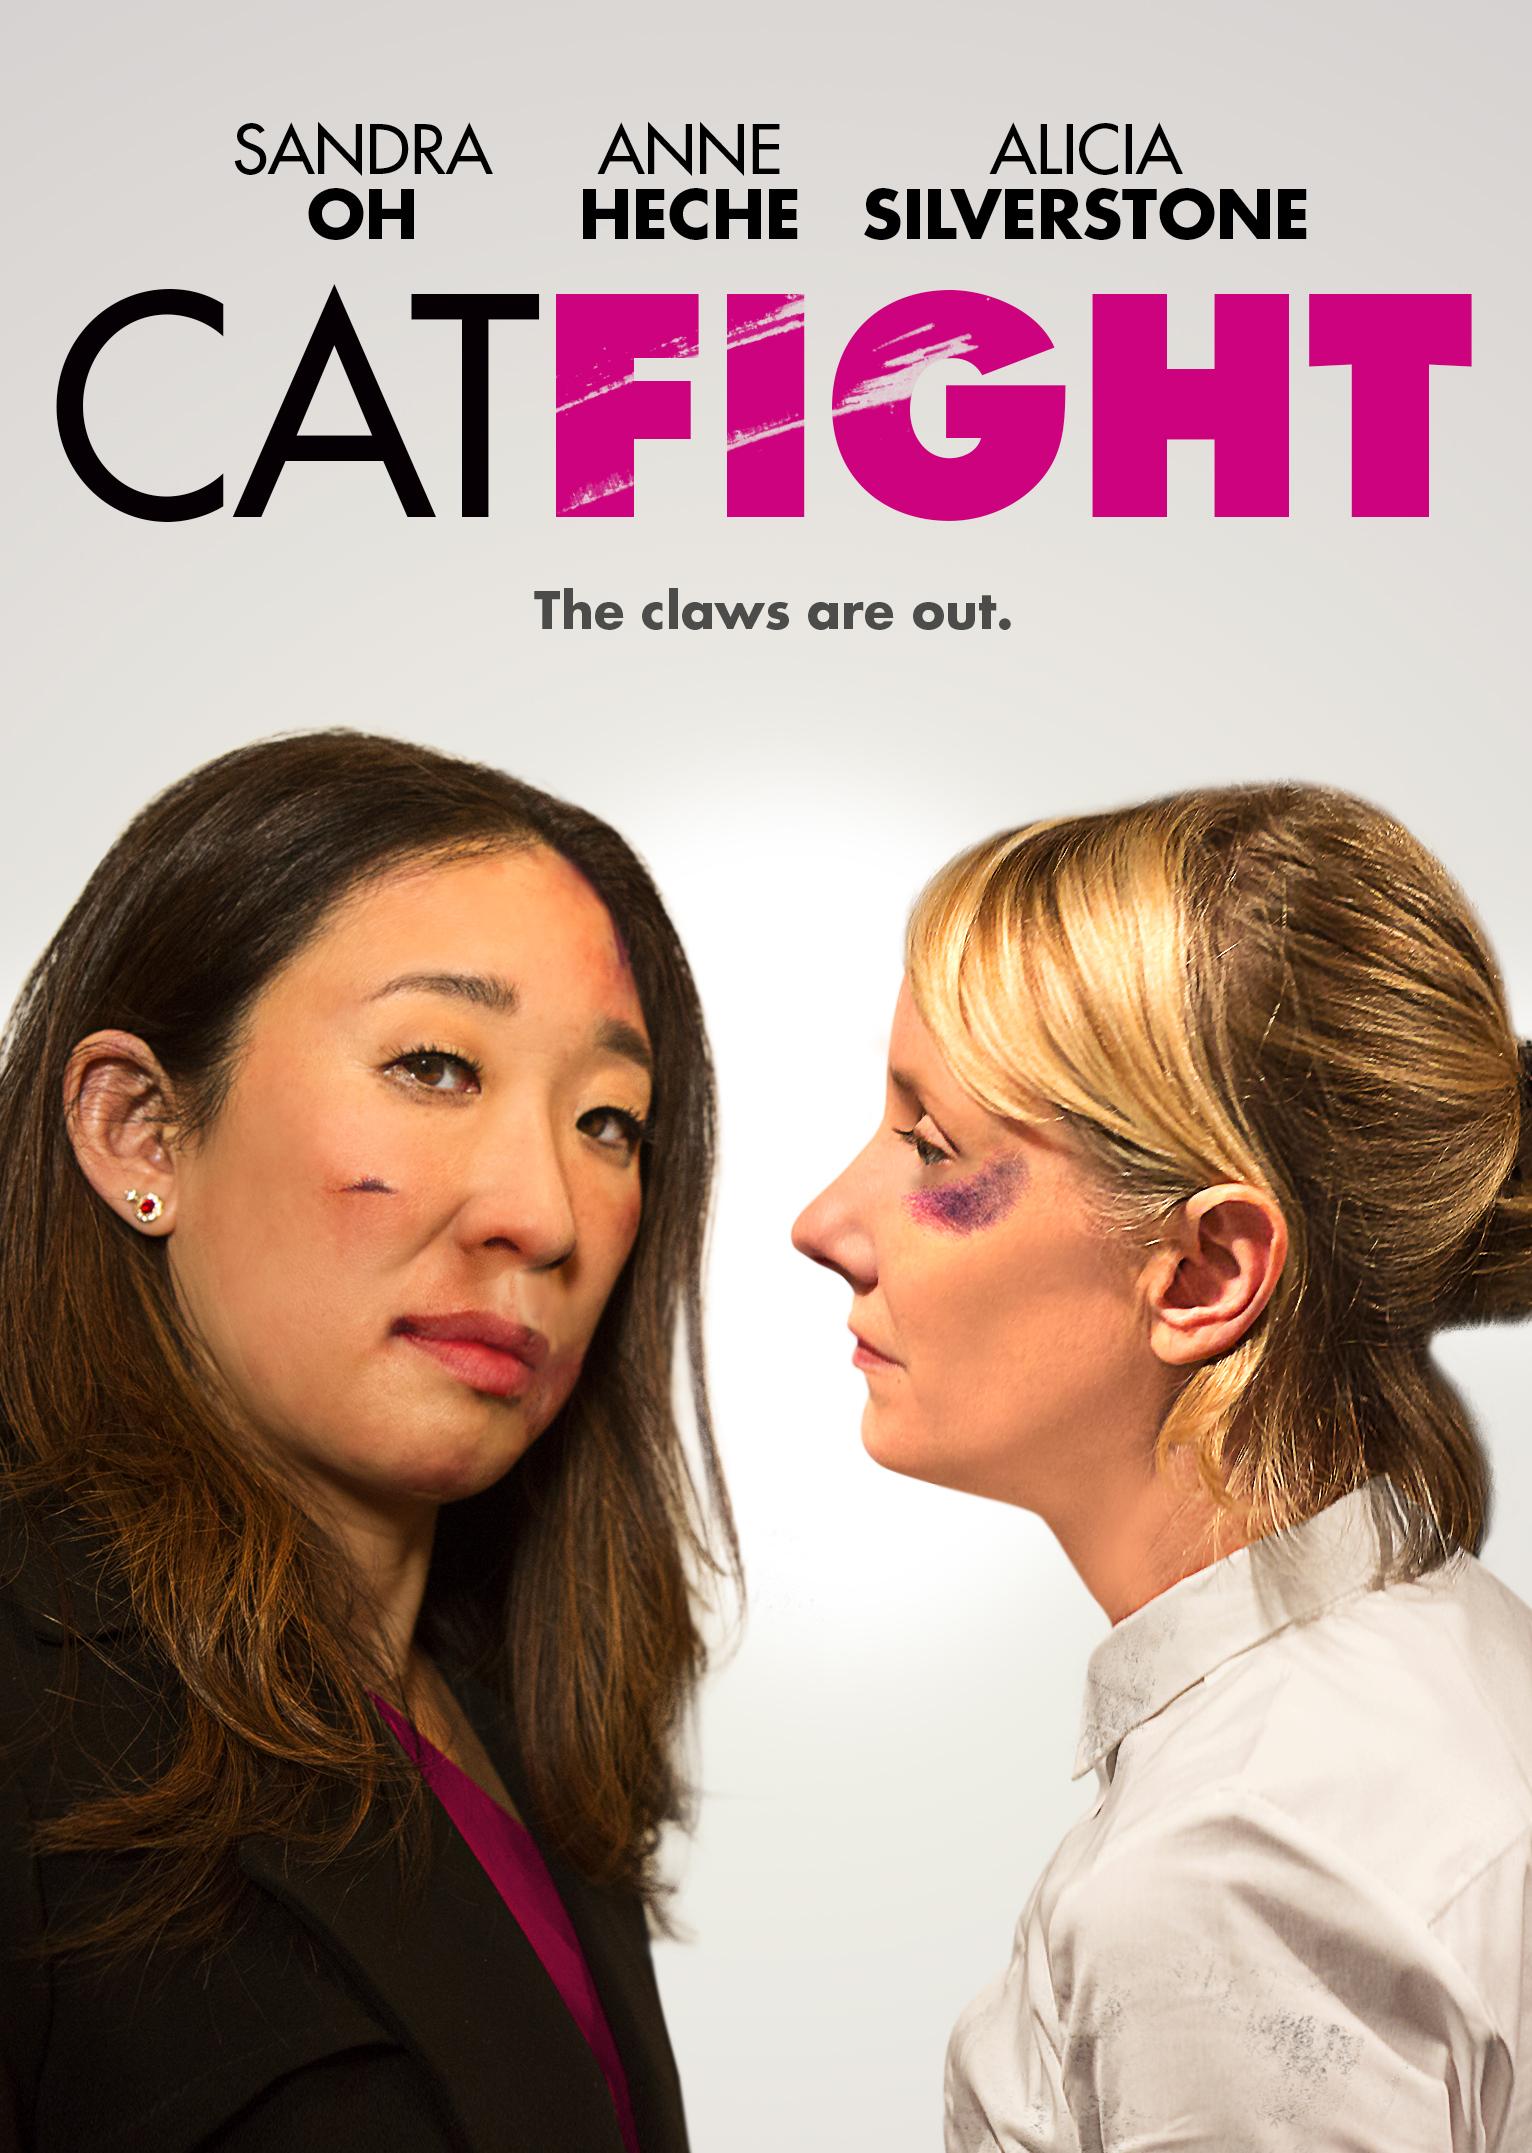 Catfight Teaser Trailer